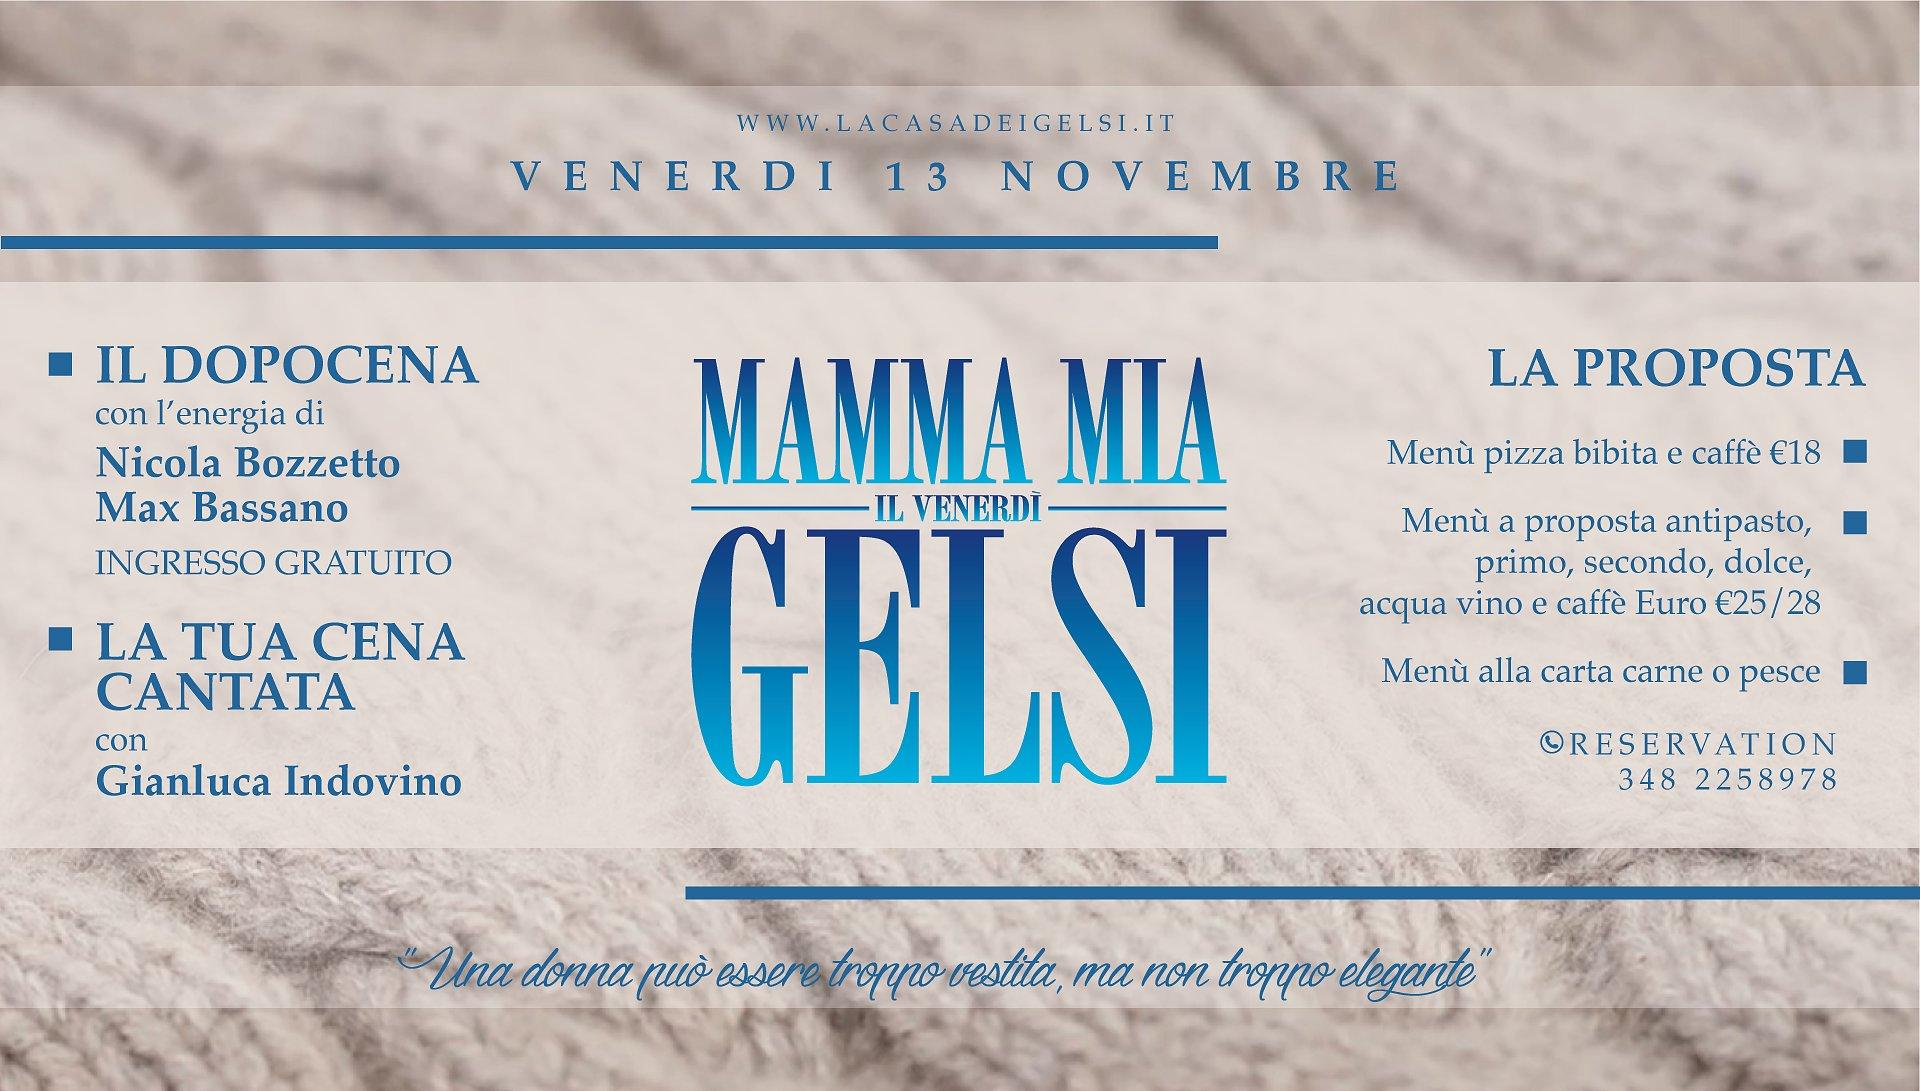 2015-11-13 Mamma Mia